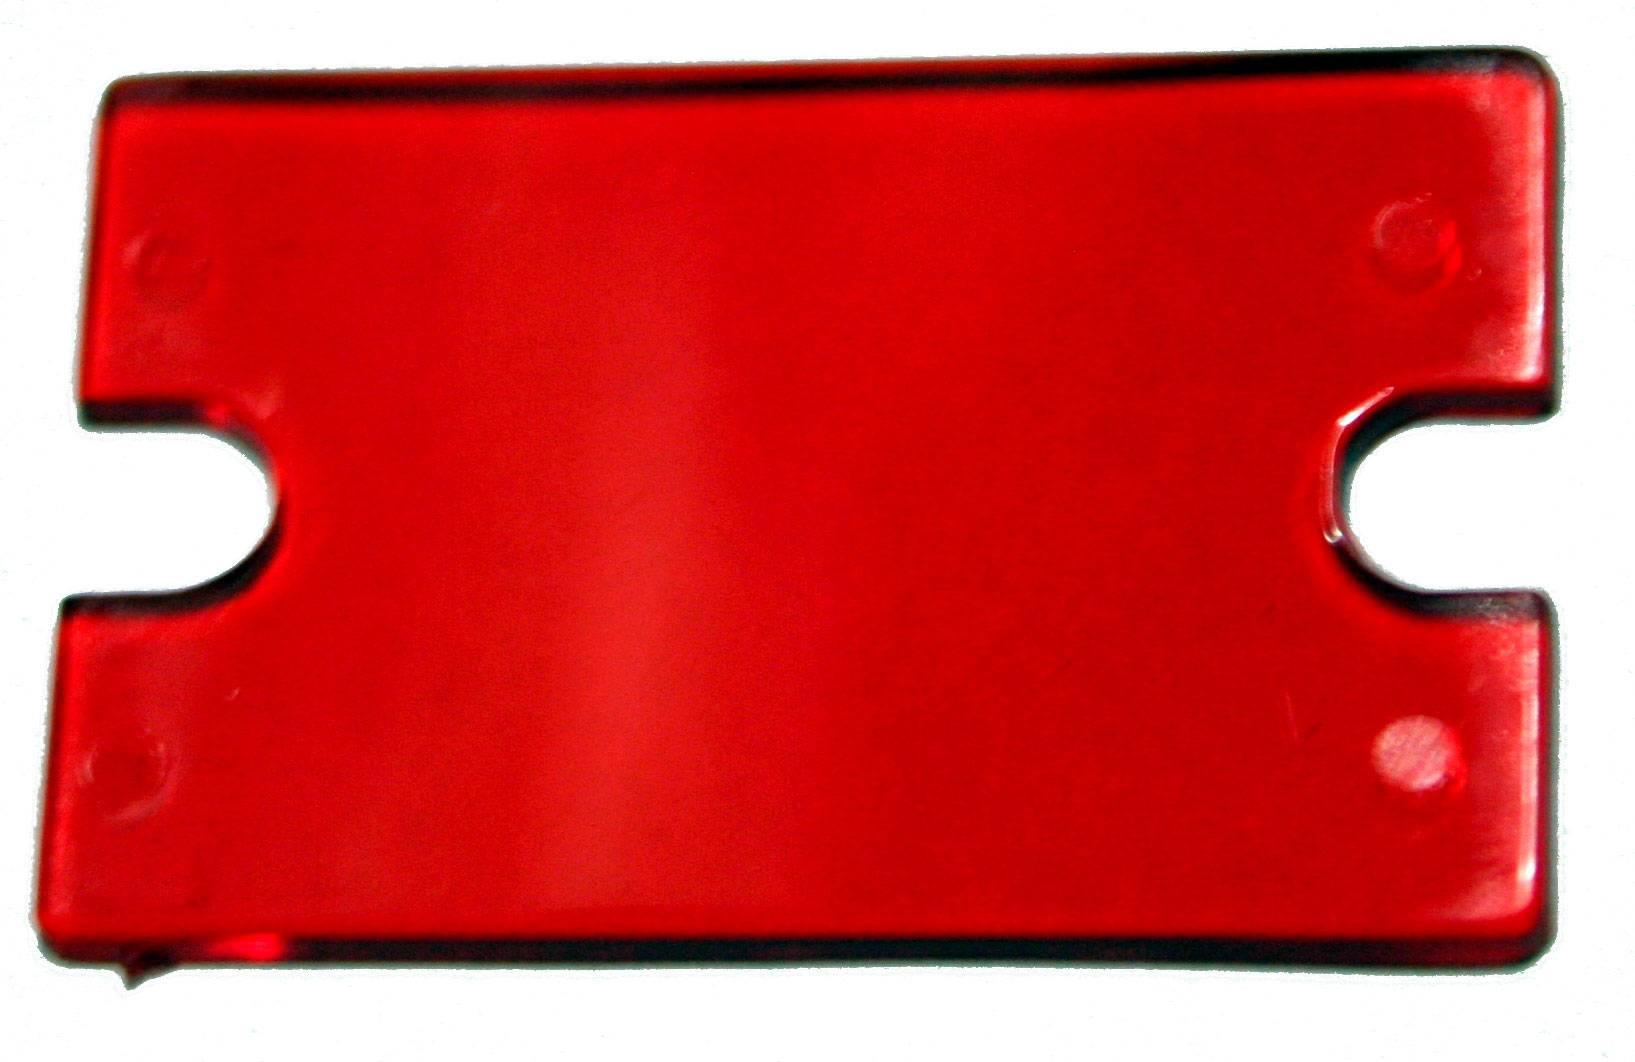 Filtr pro LCD Strapubox, typ FS21, červená